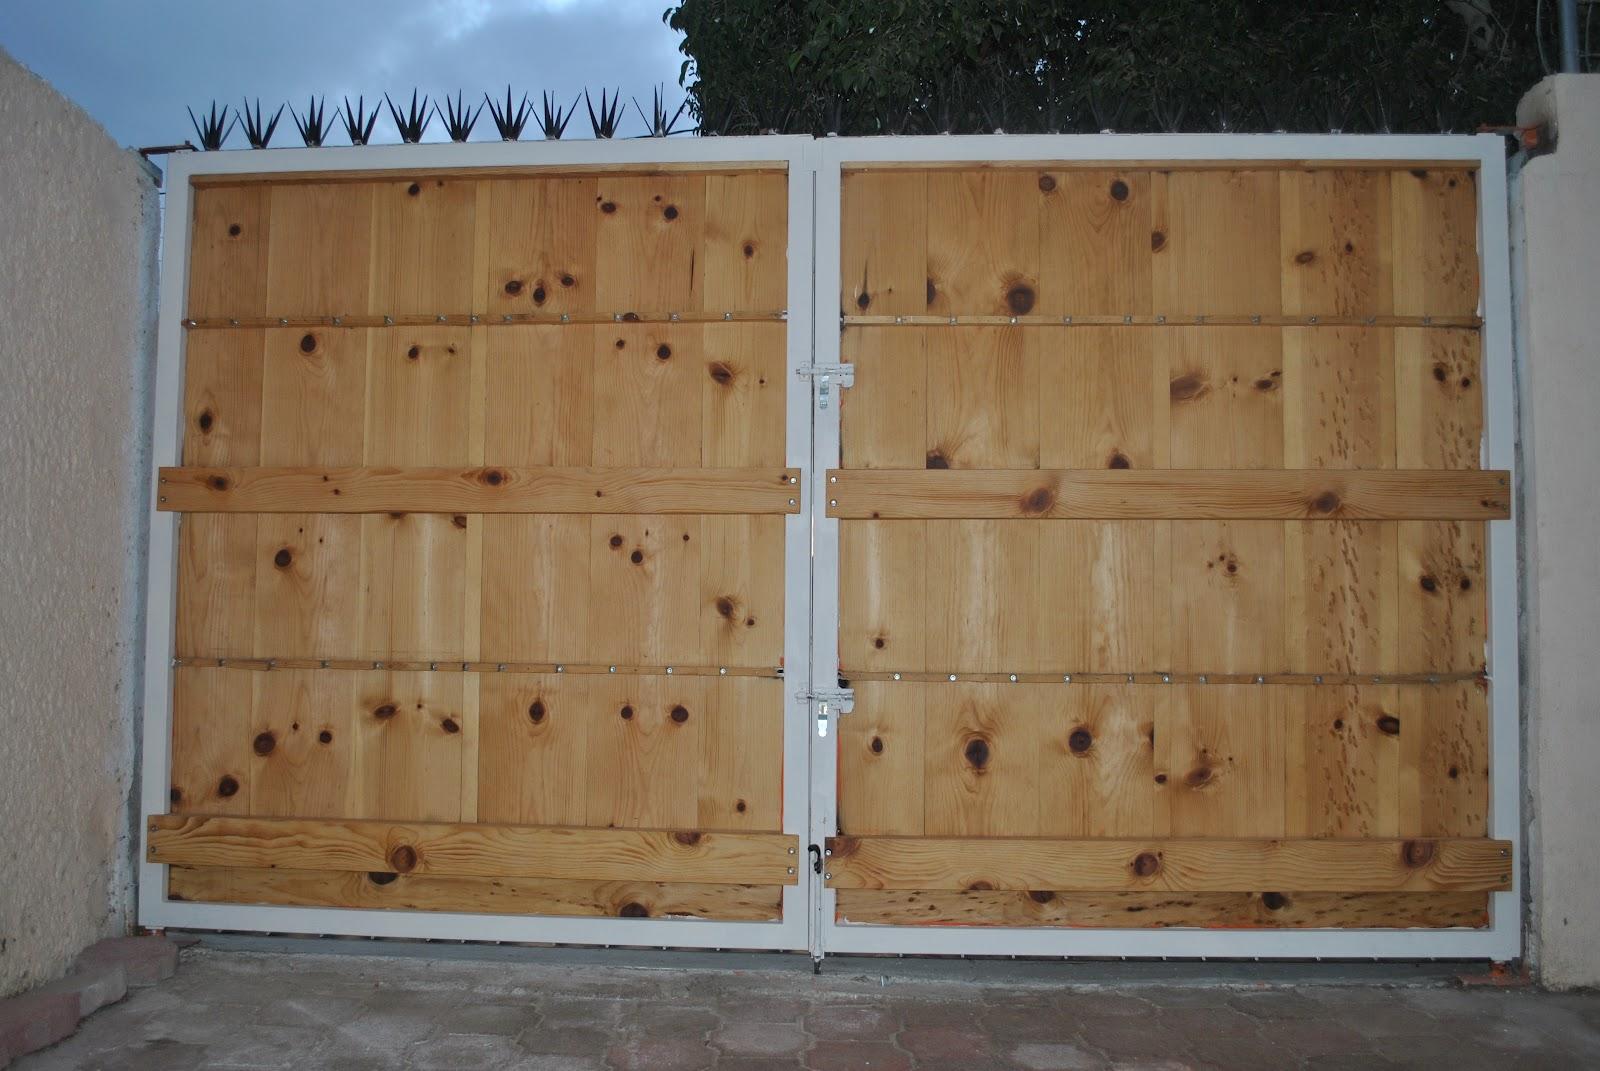 Mantenimientodomestico industrial agosto 2012 for Saguan de madera